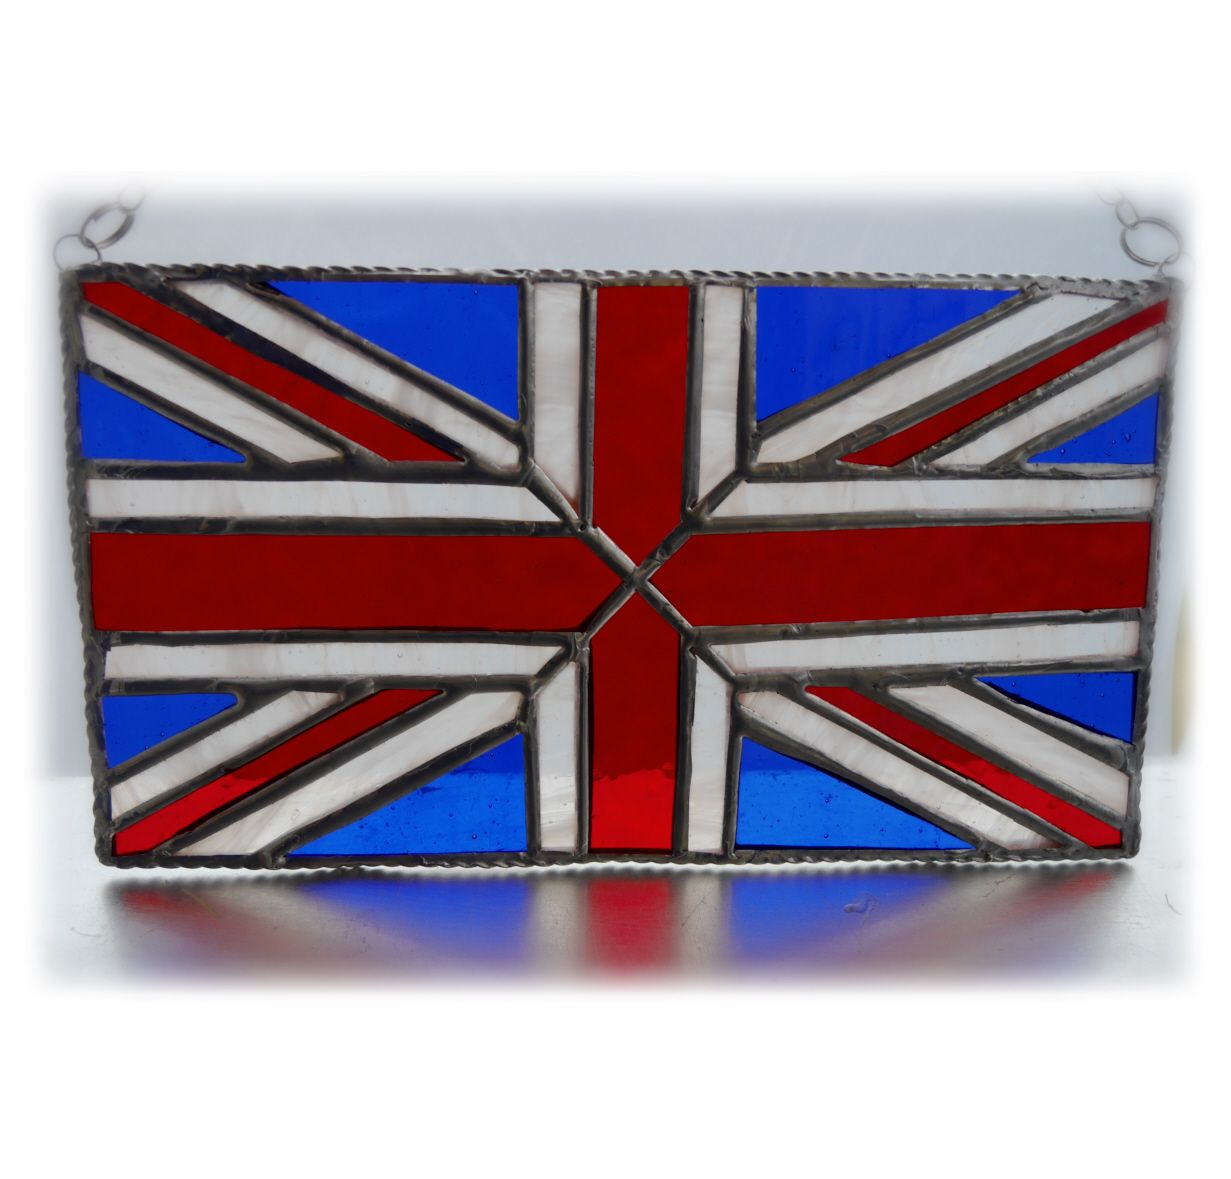 Union Jack 008 #1812 FREE 35.00